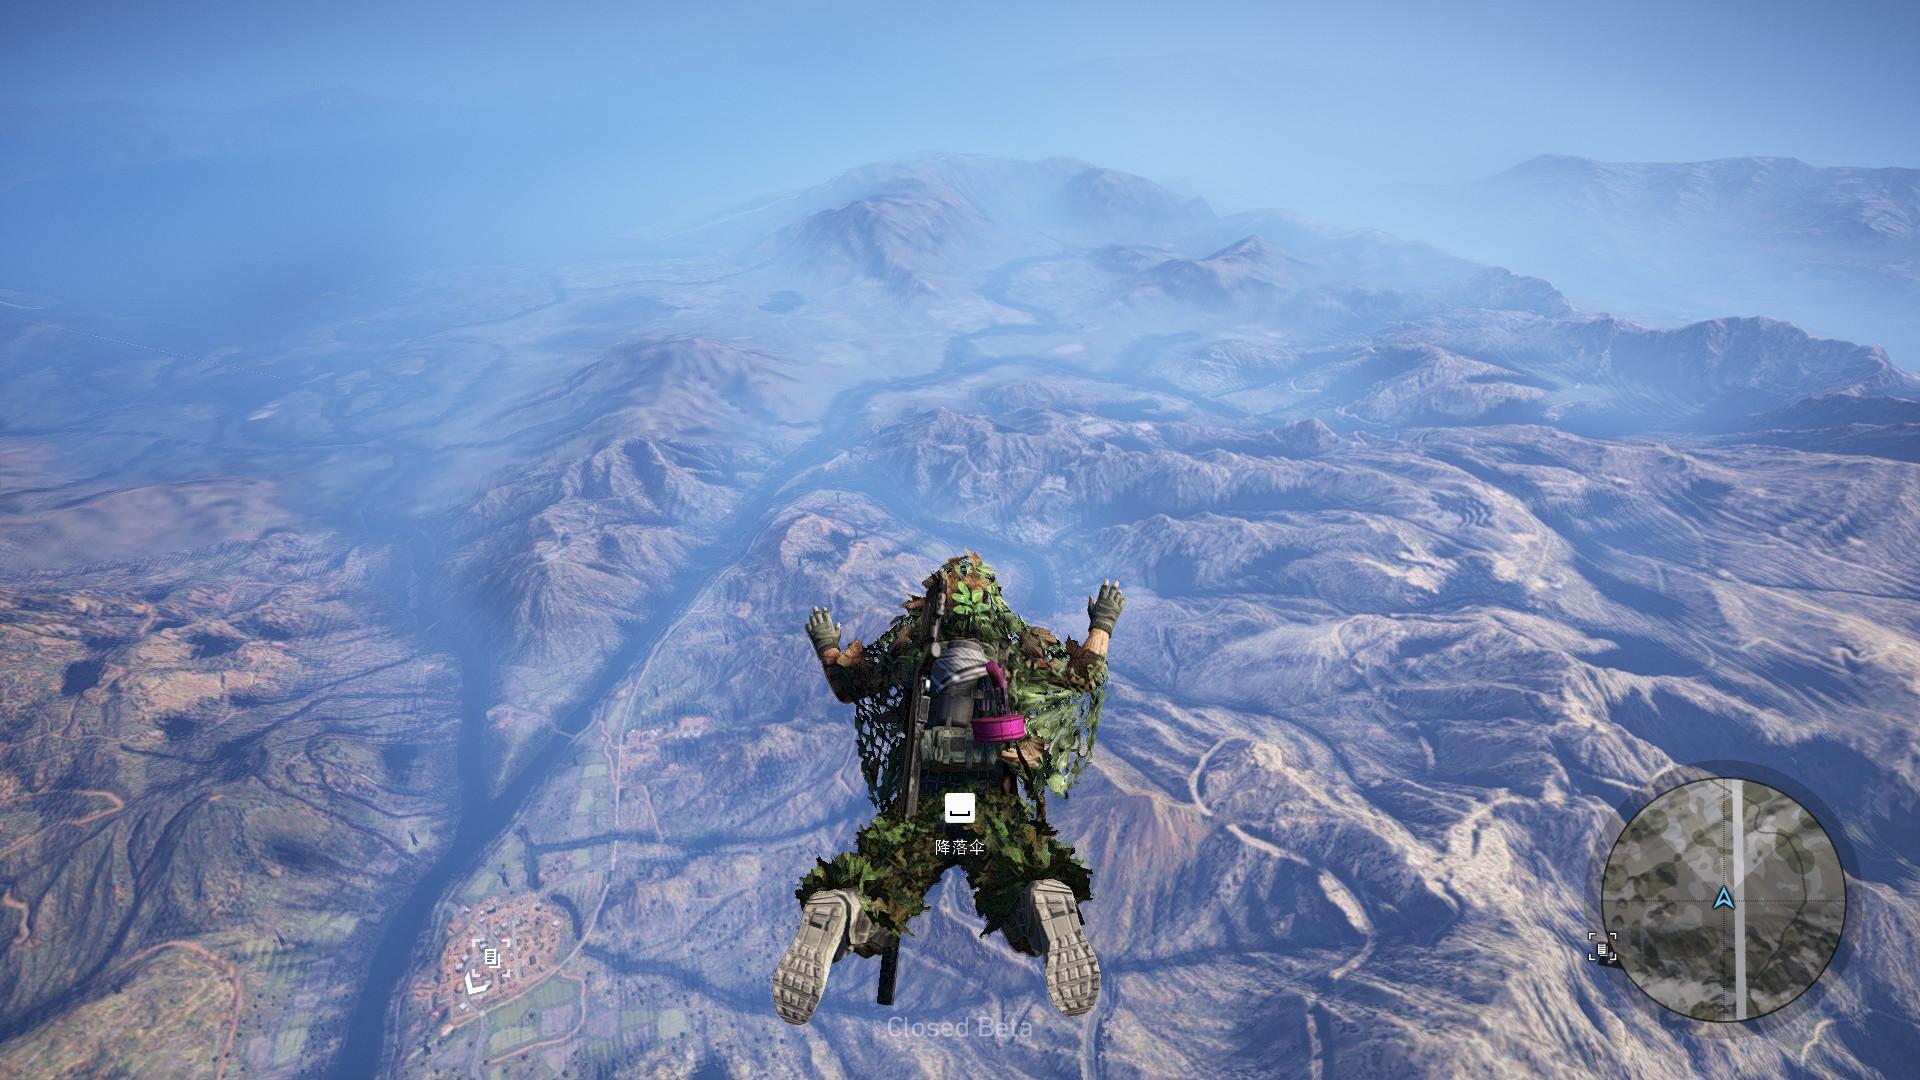 幽灵行动荒野飞机操作技巧 飞行载具驾驶技巧